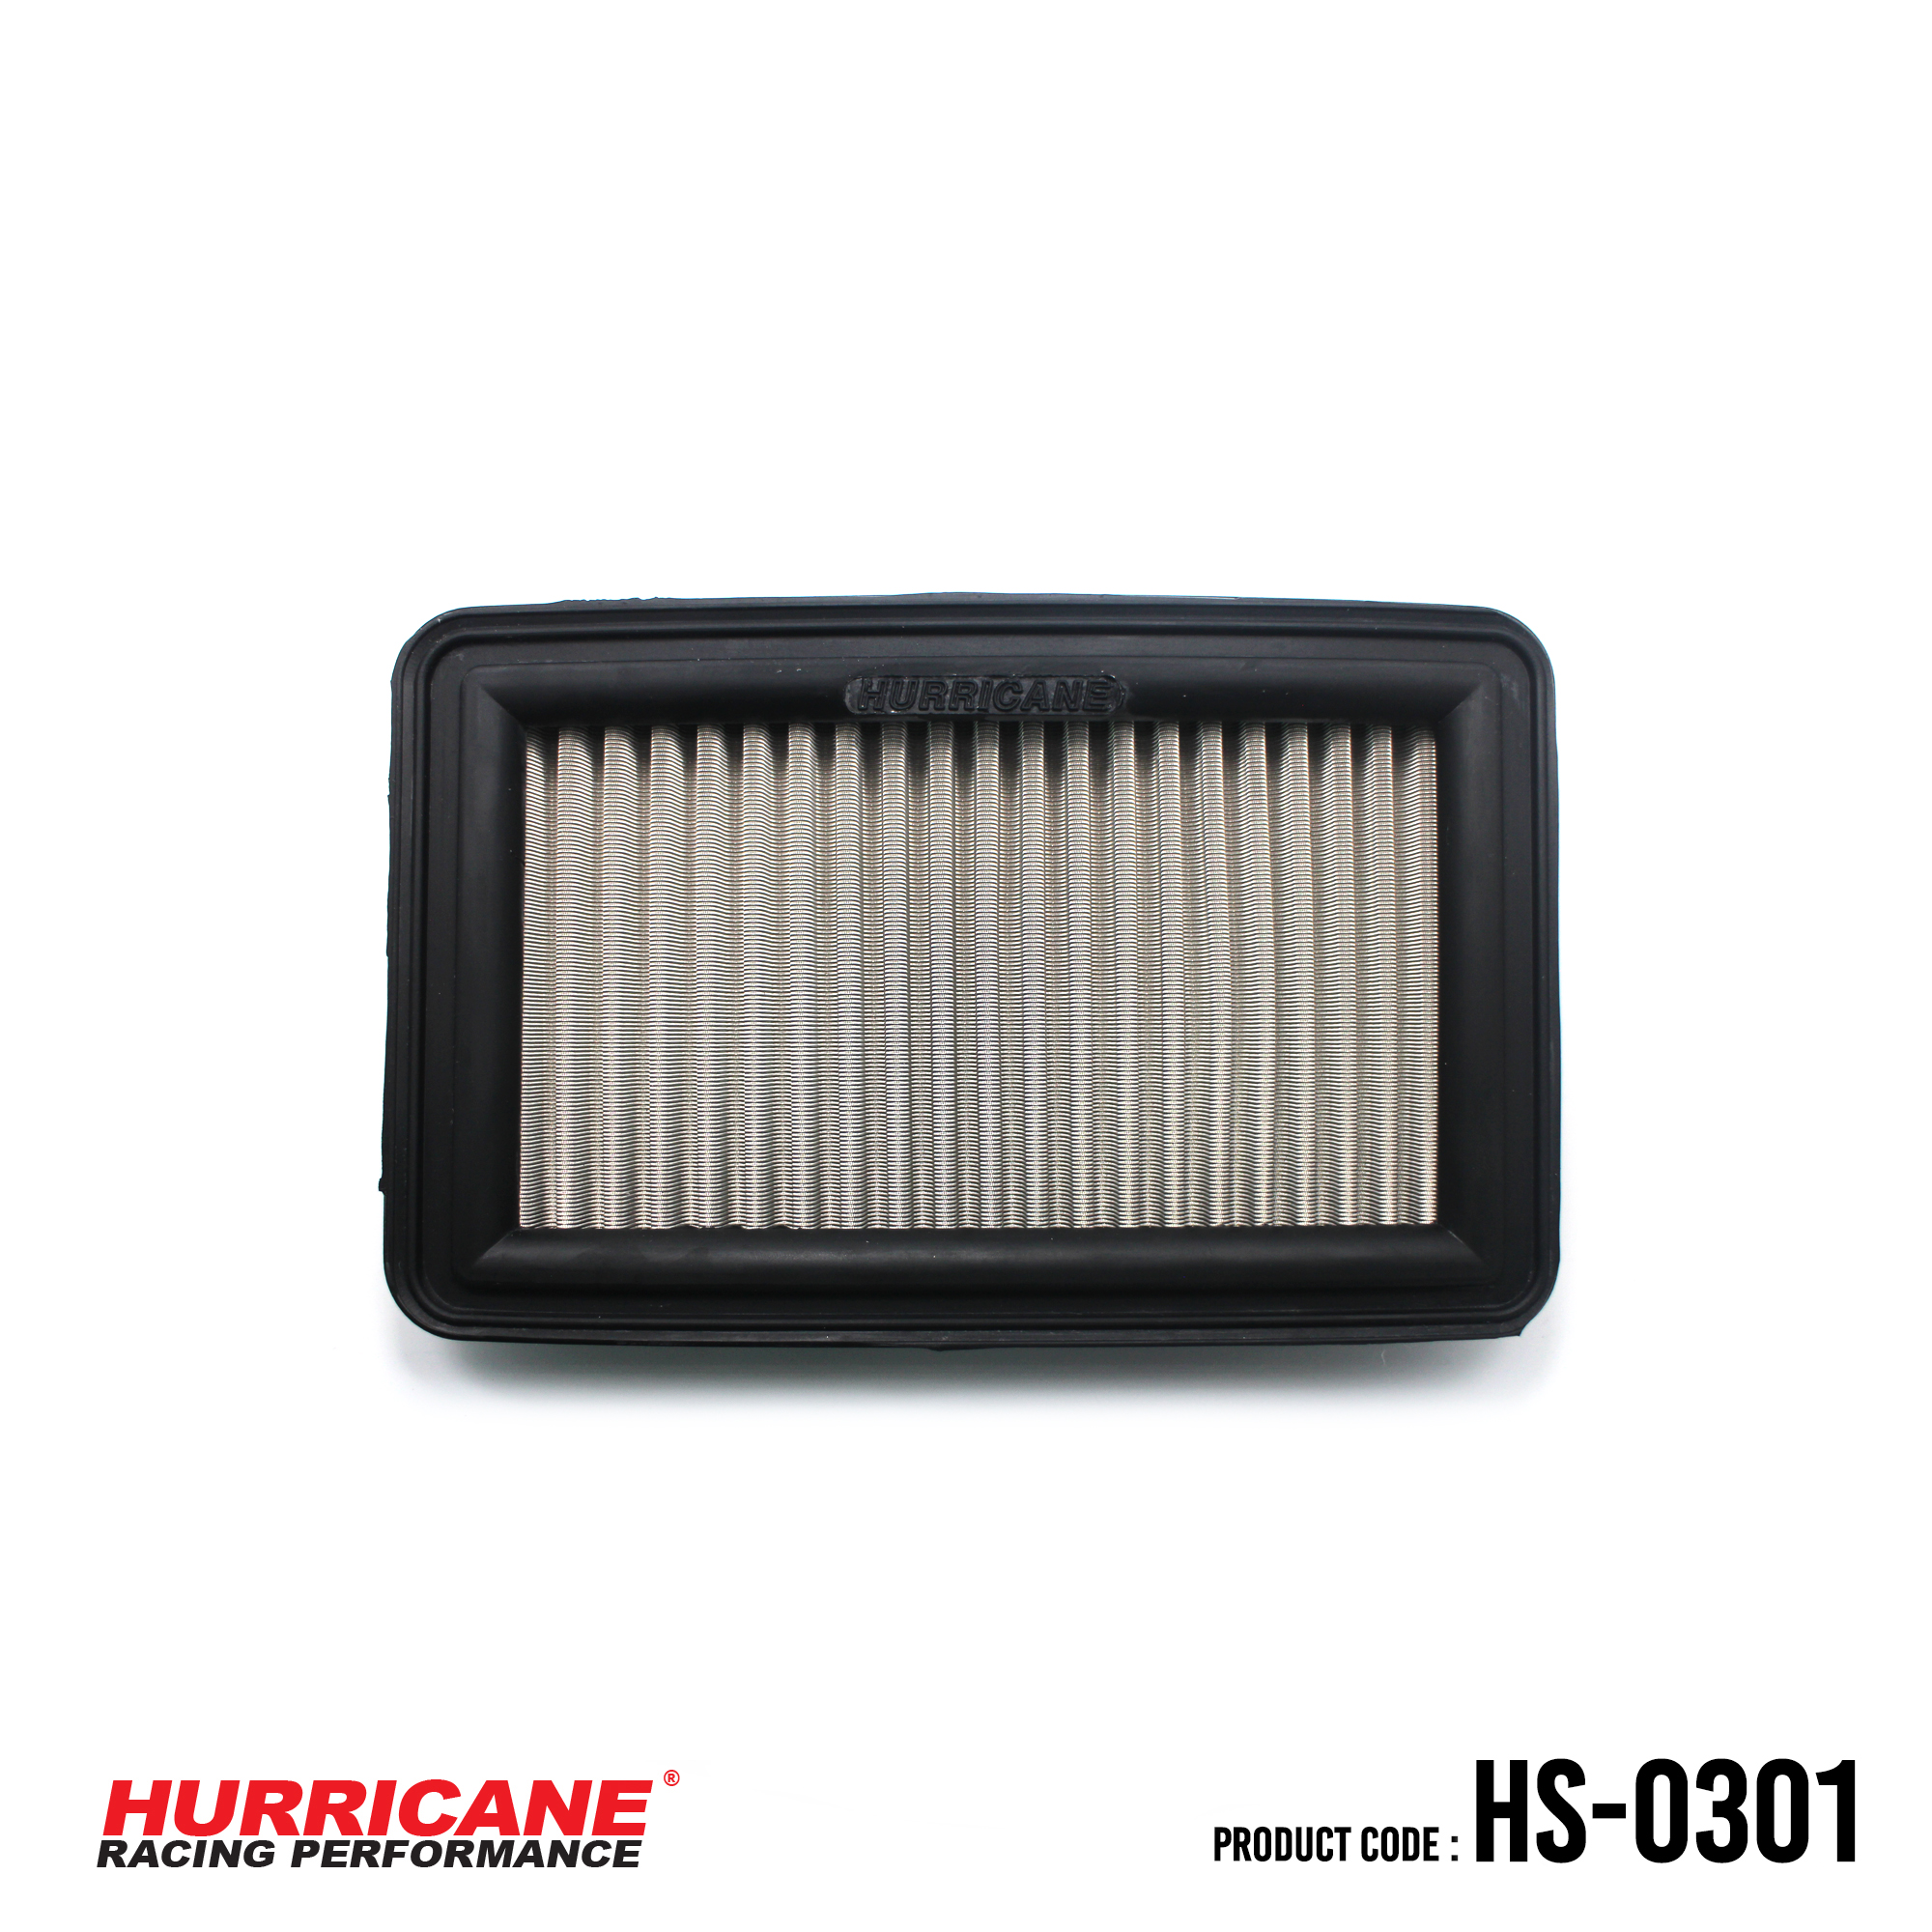 HURRICANE STAINLESS STEEL AIR FILTER FOR HS-0301 Suzuki